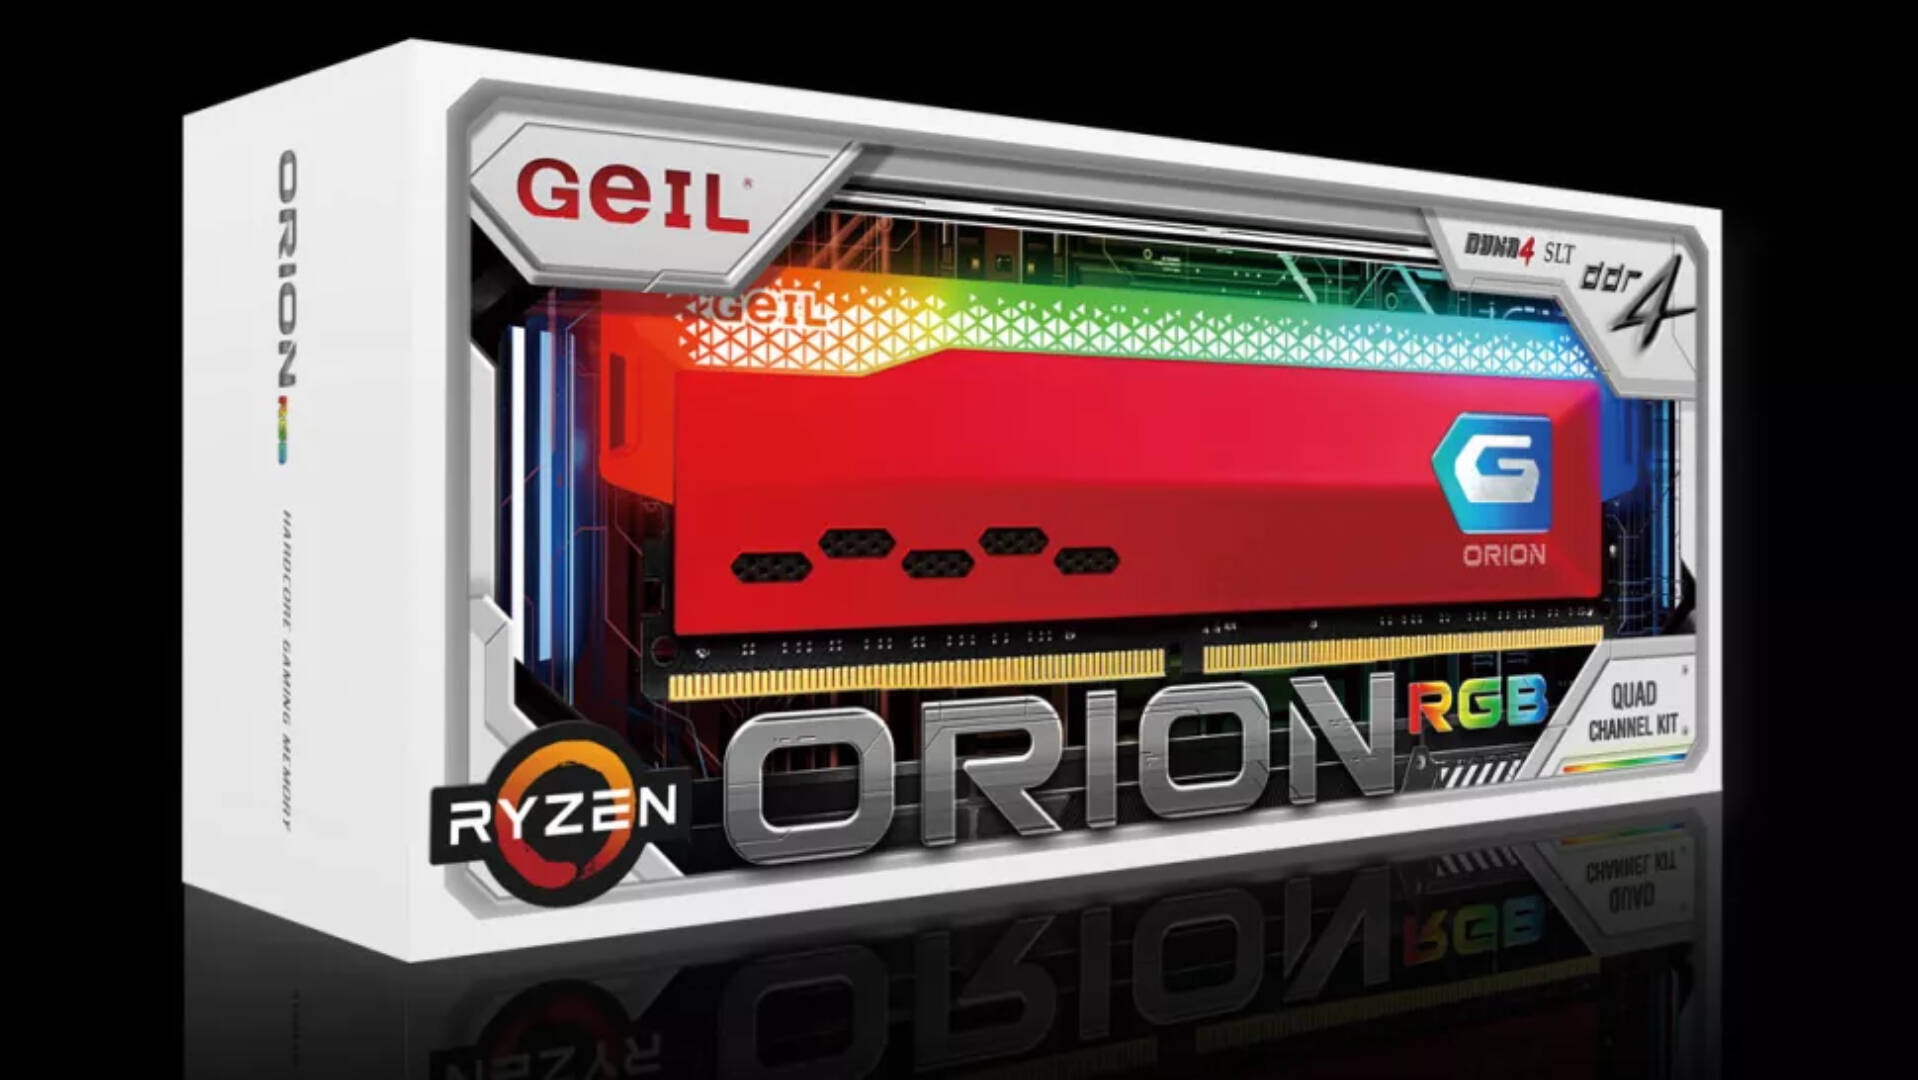 GEIL Orion RGB